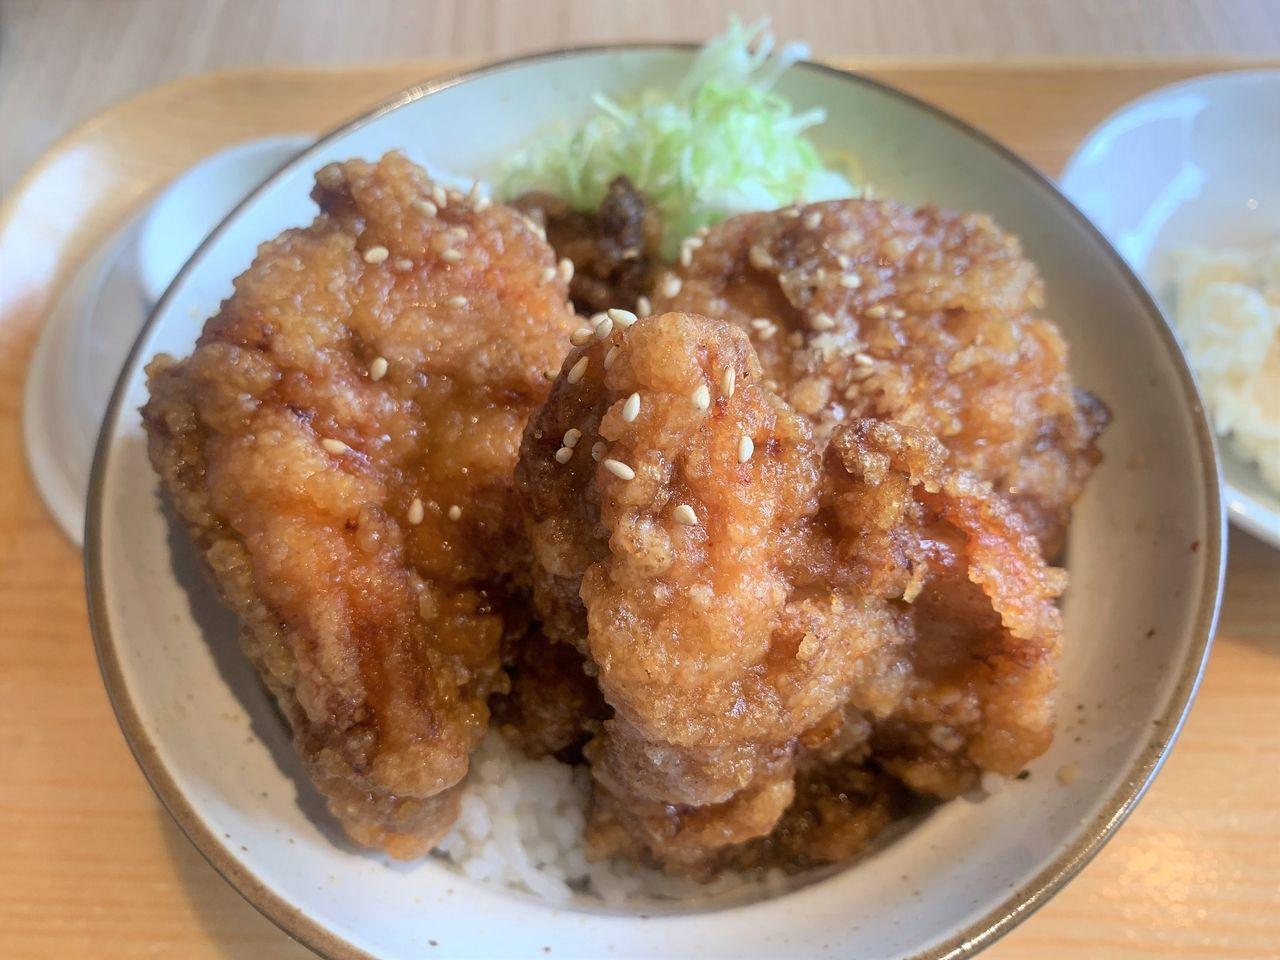 【三郷市食べ歩きブログ】三郷市駒形にある元ラーメン劔跡にオープンした「とり唐トントン」へ行ってきました!